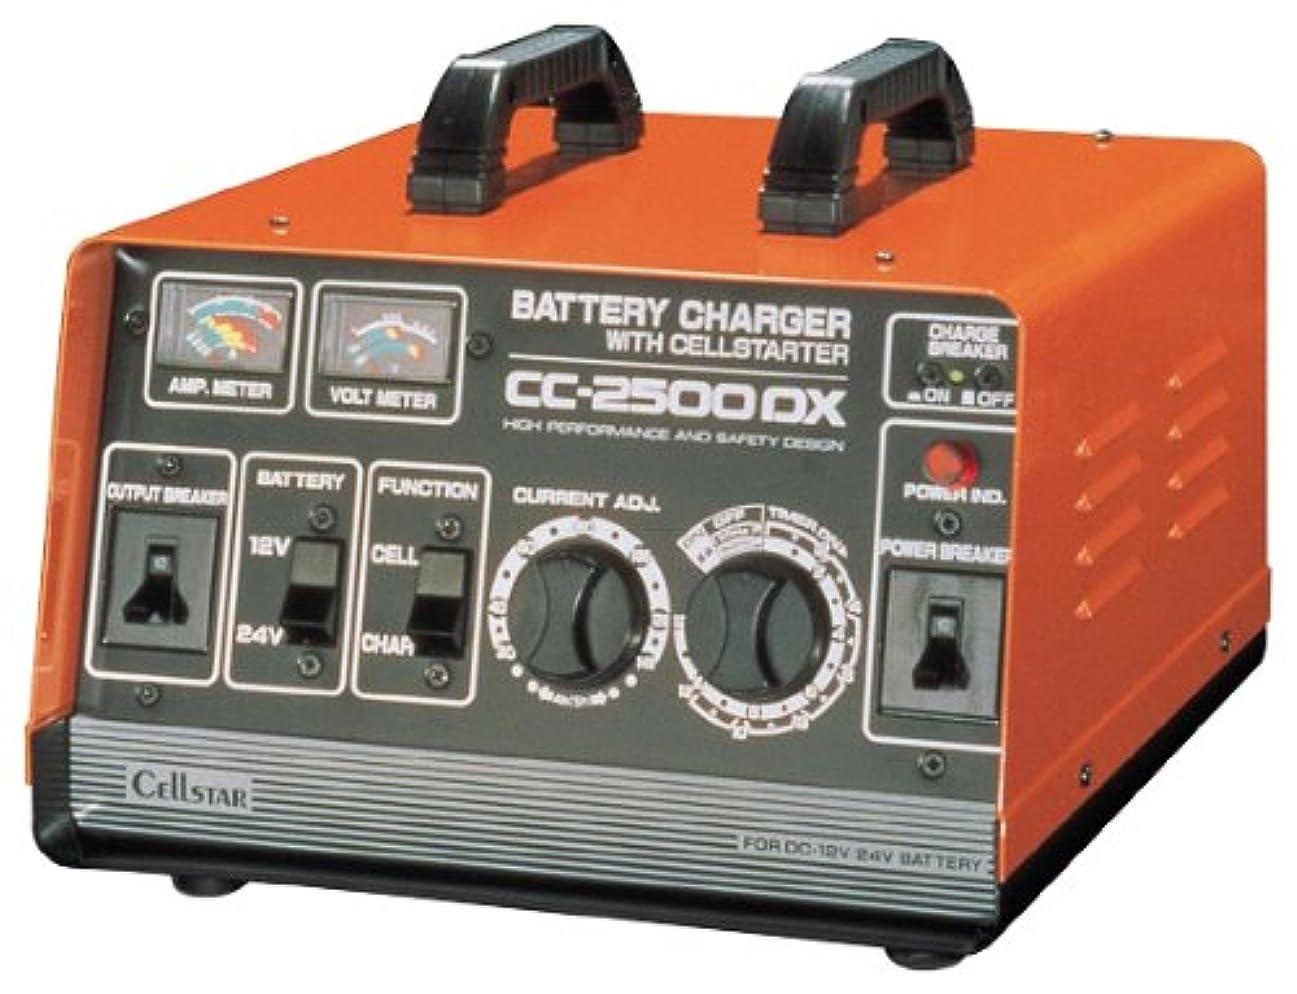 つなぐアレキサンダーグラハムベルせせらぎセルスター(CELLSTAR) バッテリー充電器 CC-2500DX